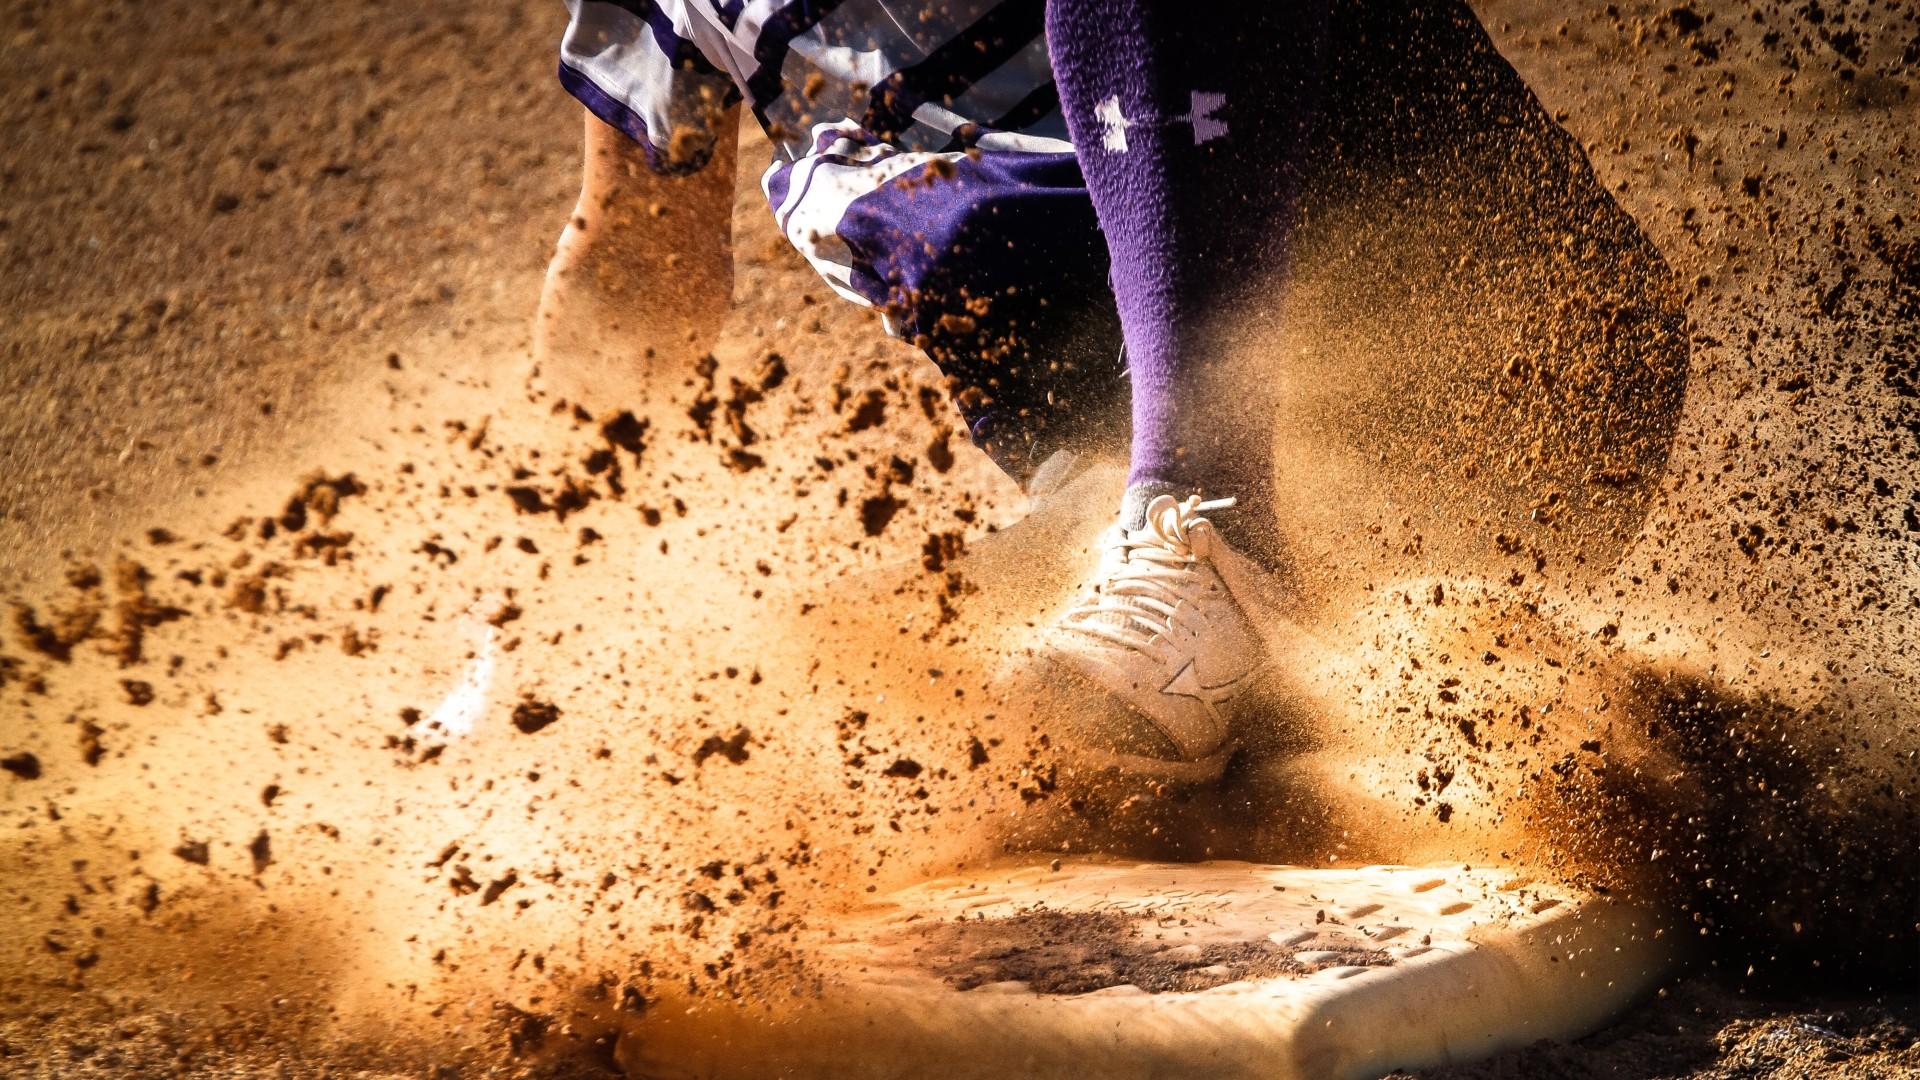 【きょうのスポーツ】交流戦予告先発、勝ち越し狙う中日は左腕・小笠原慎之介、ソフトバンクは東浜巨が今季初登板|プロ野球